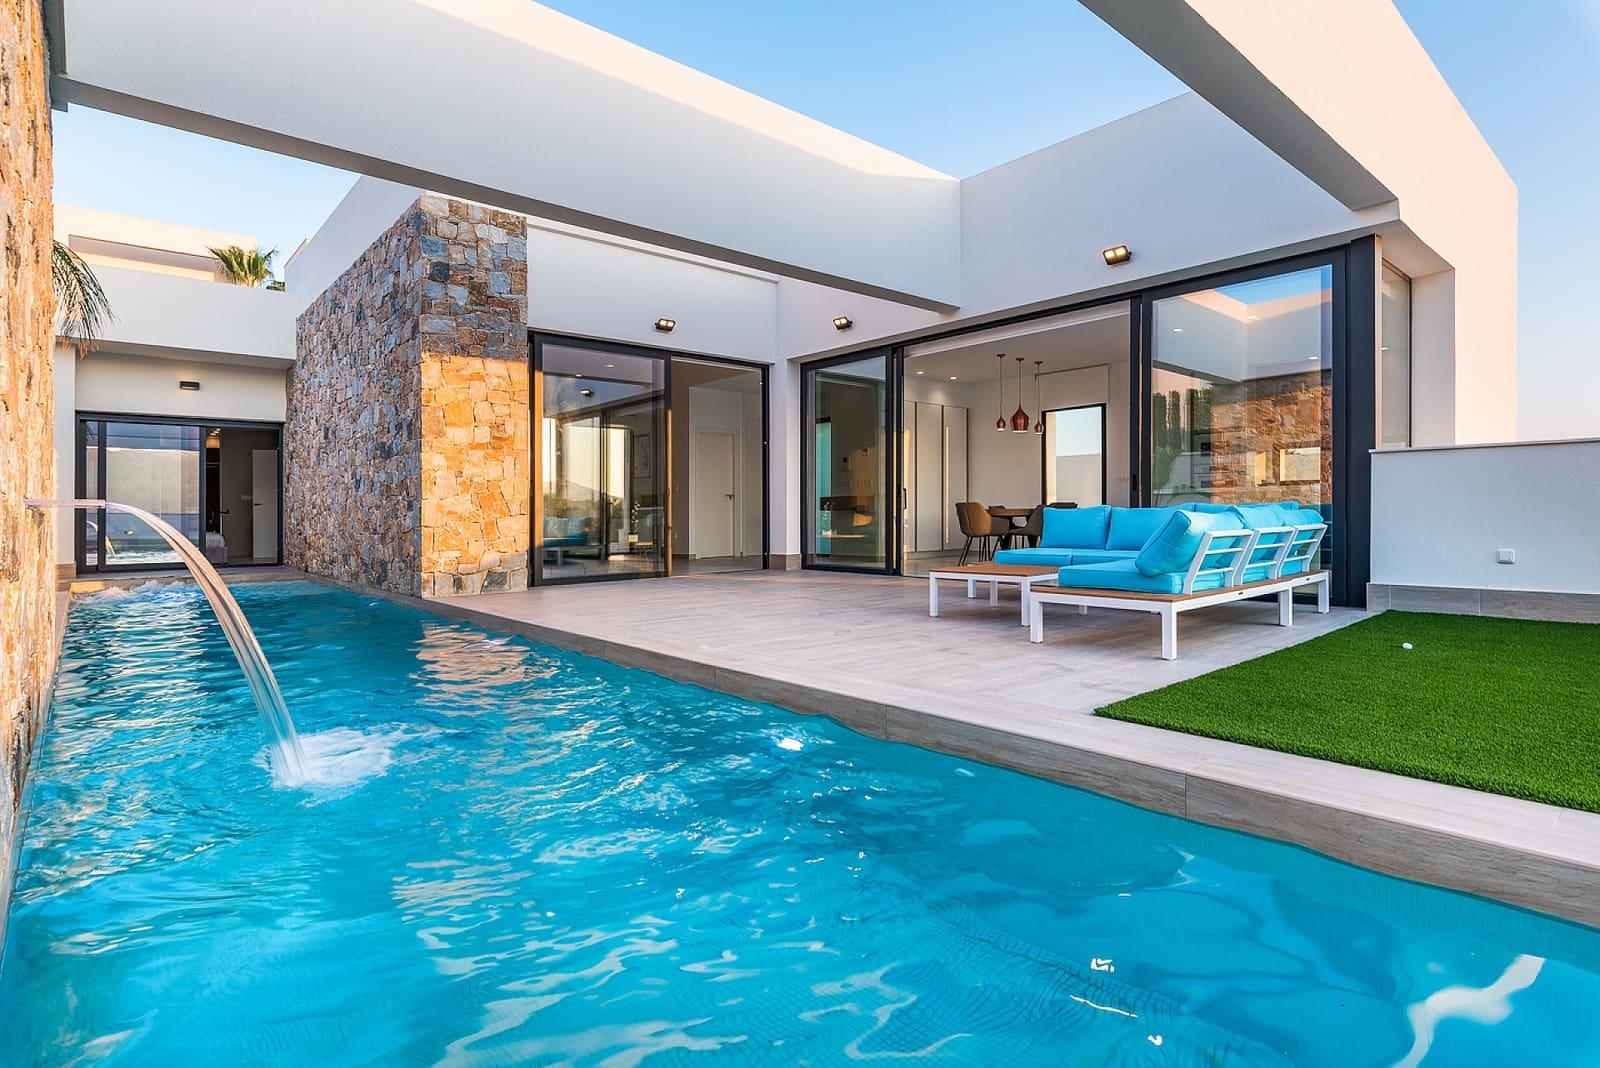 Chalet de 3 habitaciones en Benijófar en venta - 569.000 € (Ref: 4535107)